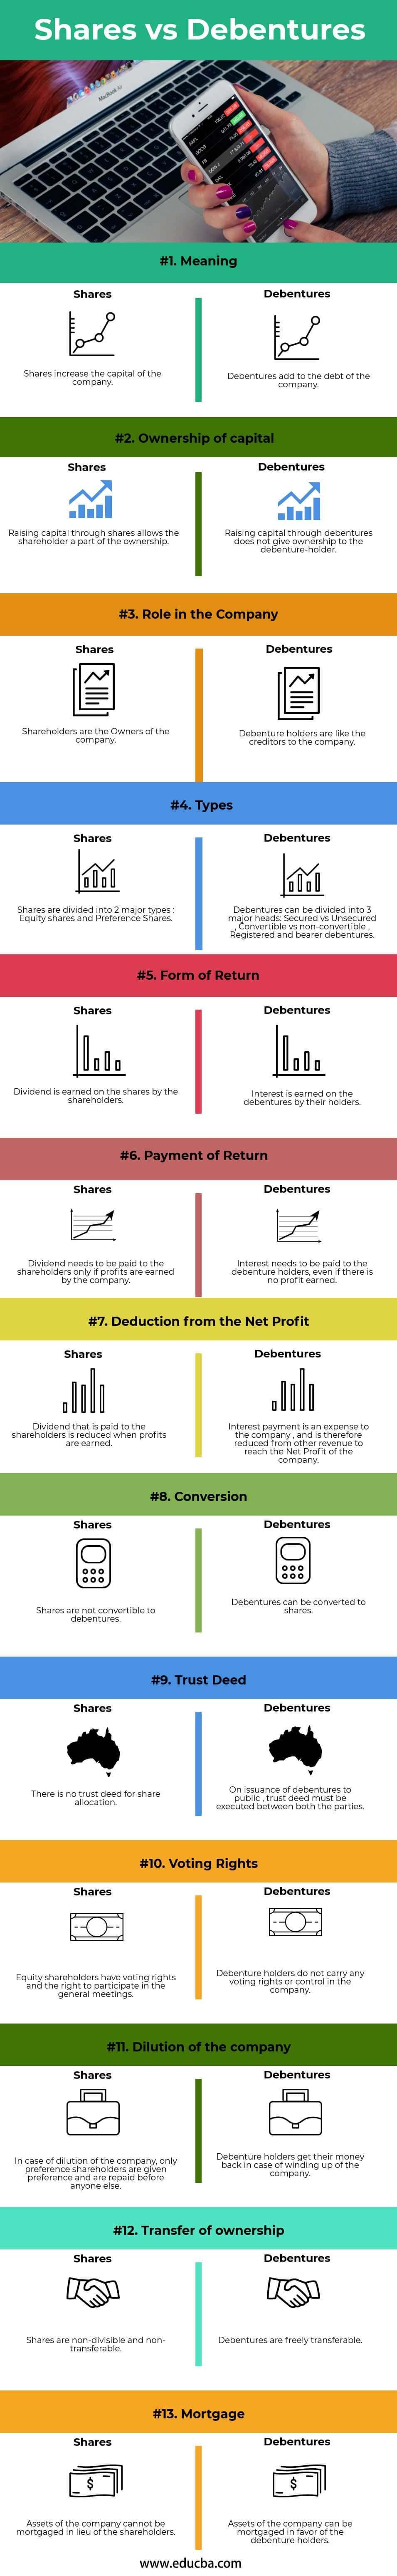 Shares vs Debentures(info)